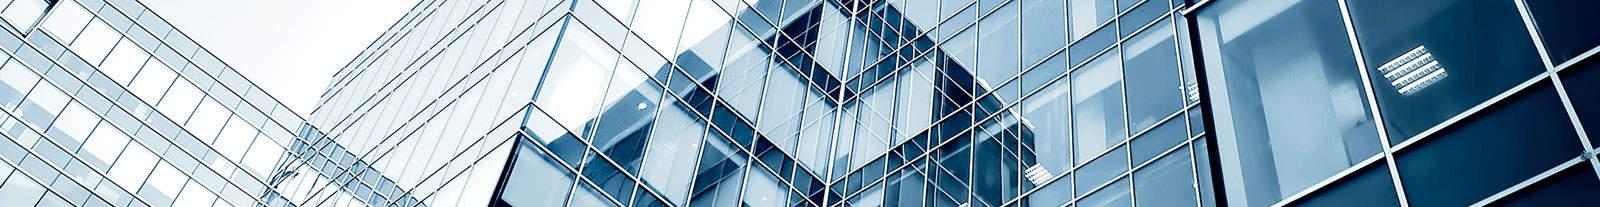 mantenimientos-empresas-servicios-tecnico-seguridad-extintores-puertas-redes